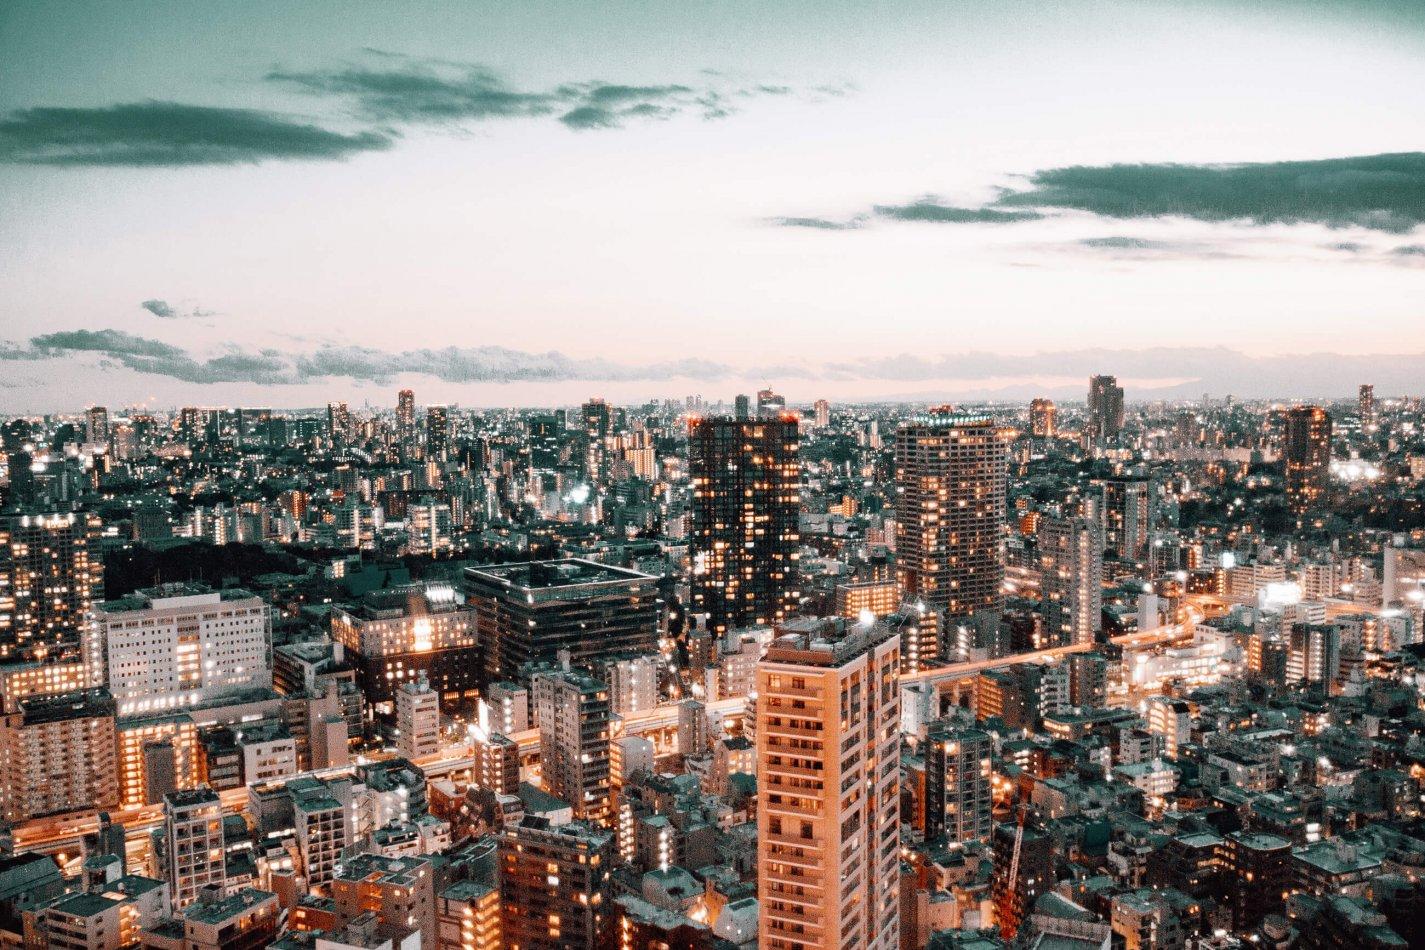 028e4b1560f9 Tokio - Gigant